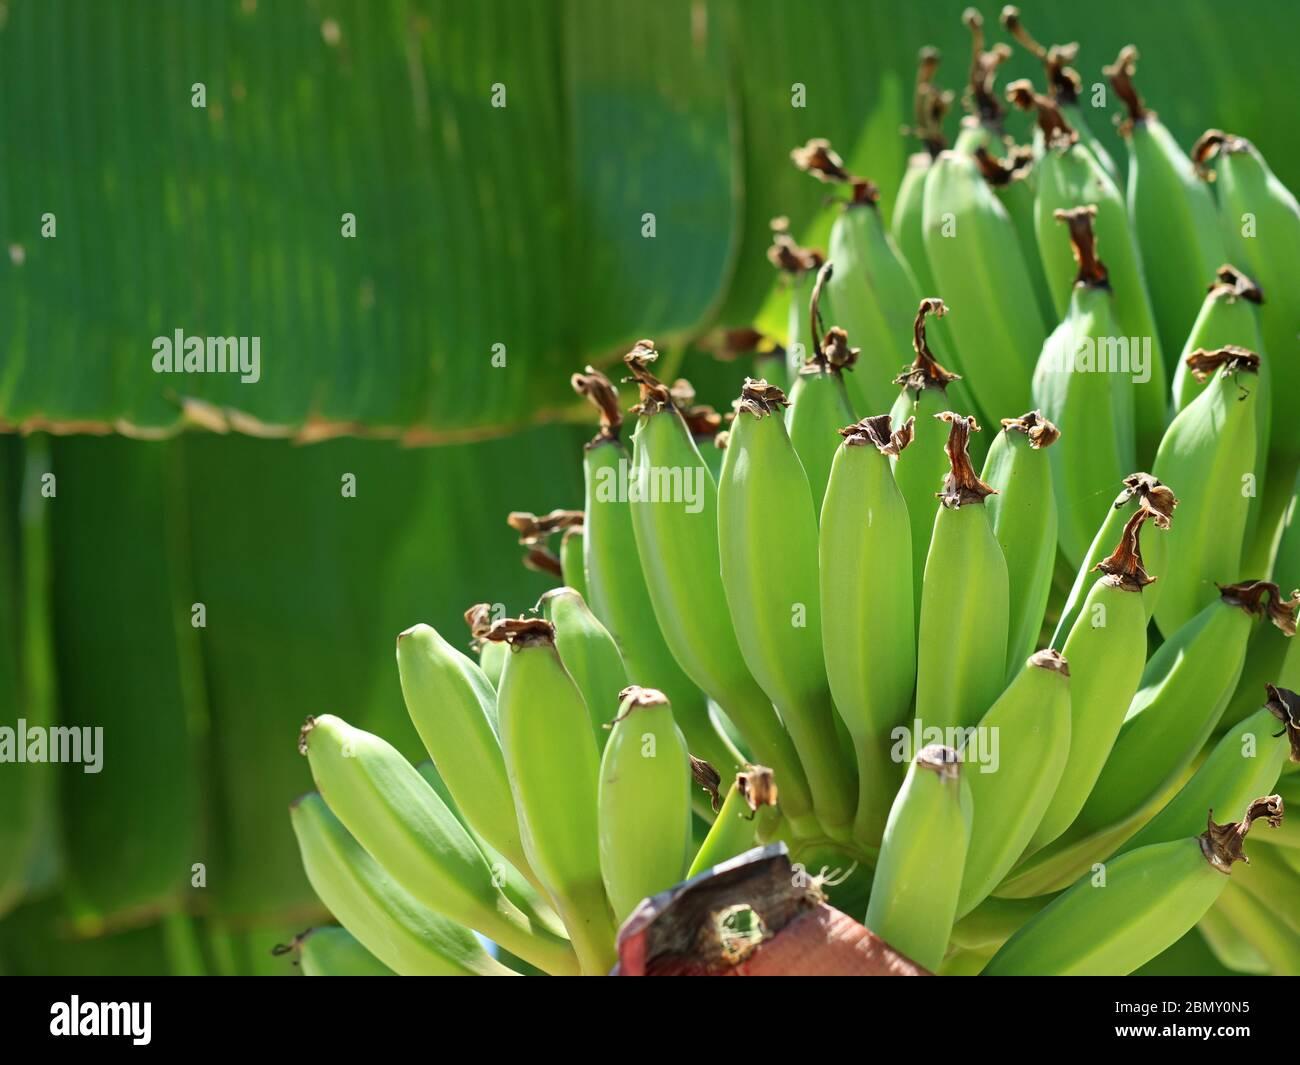 Plátanos verdes jóvenes en Musa x paradisiaca, postre plátano, de cerca Foto de stock